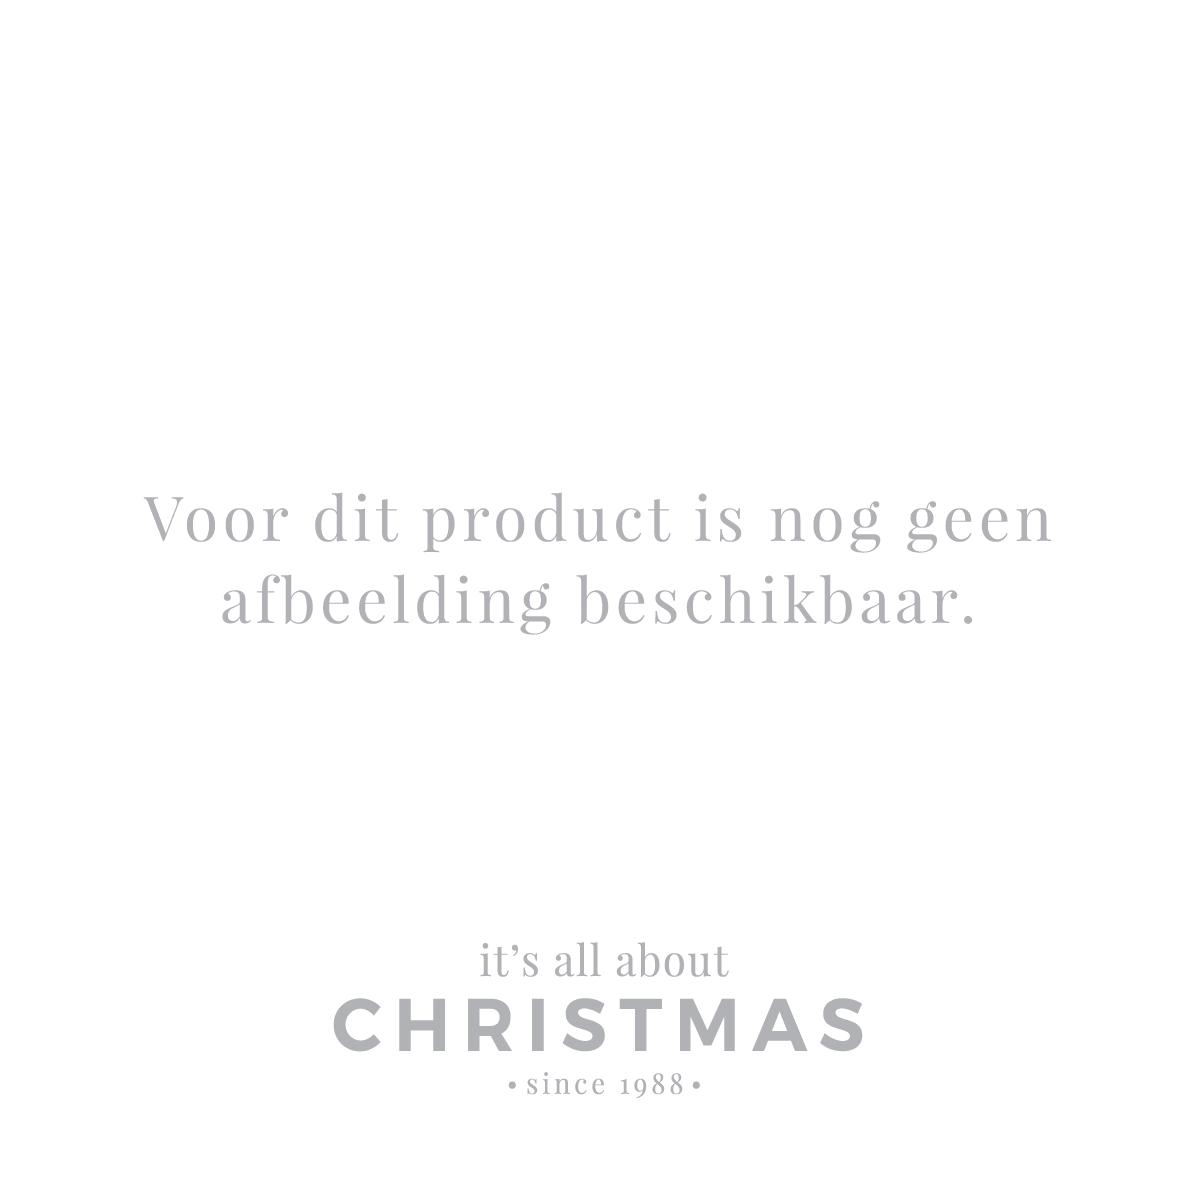 Christbaumkugeln Besondere.Besondere Weihnachtskugeln Aus Glas Weihnachtsdekoration De